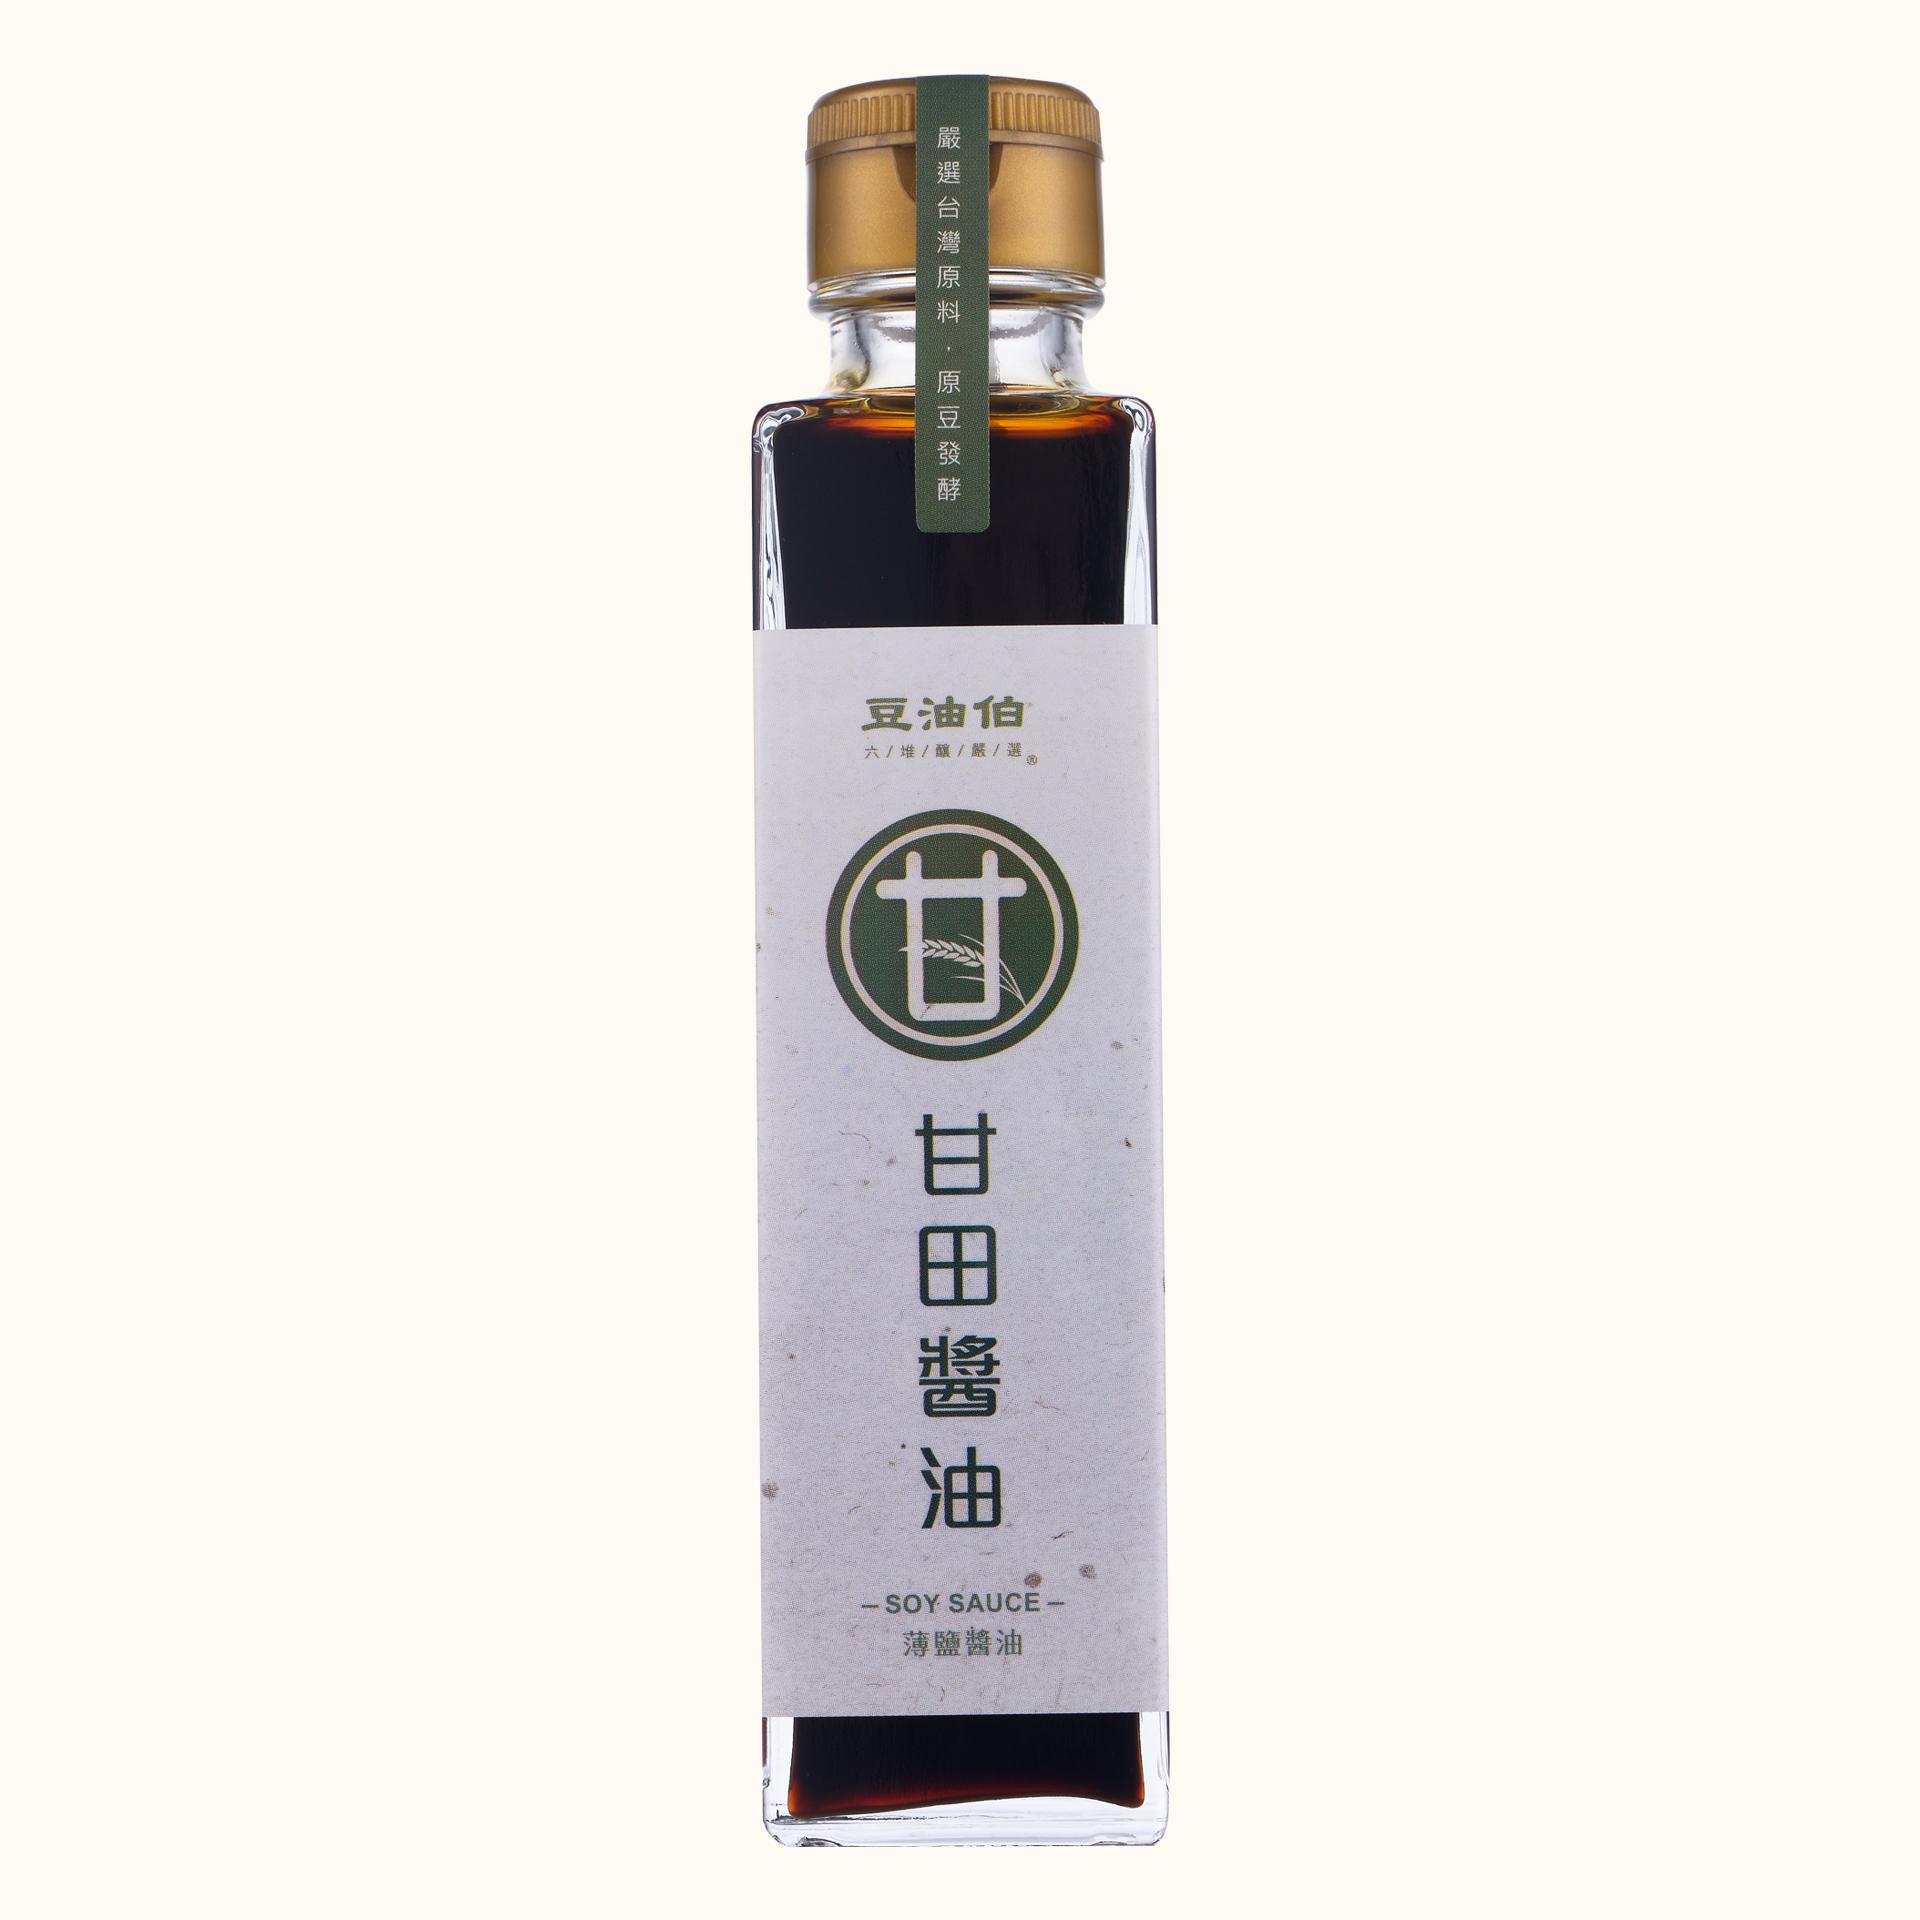 【短效品】甘田醬油(薄鹽)日式瓶150ml(有效20210516)